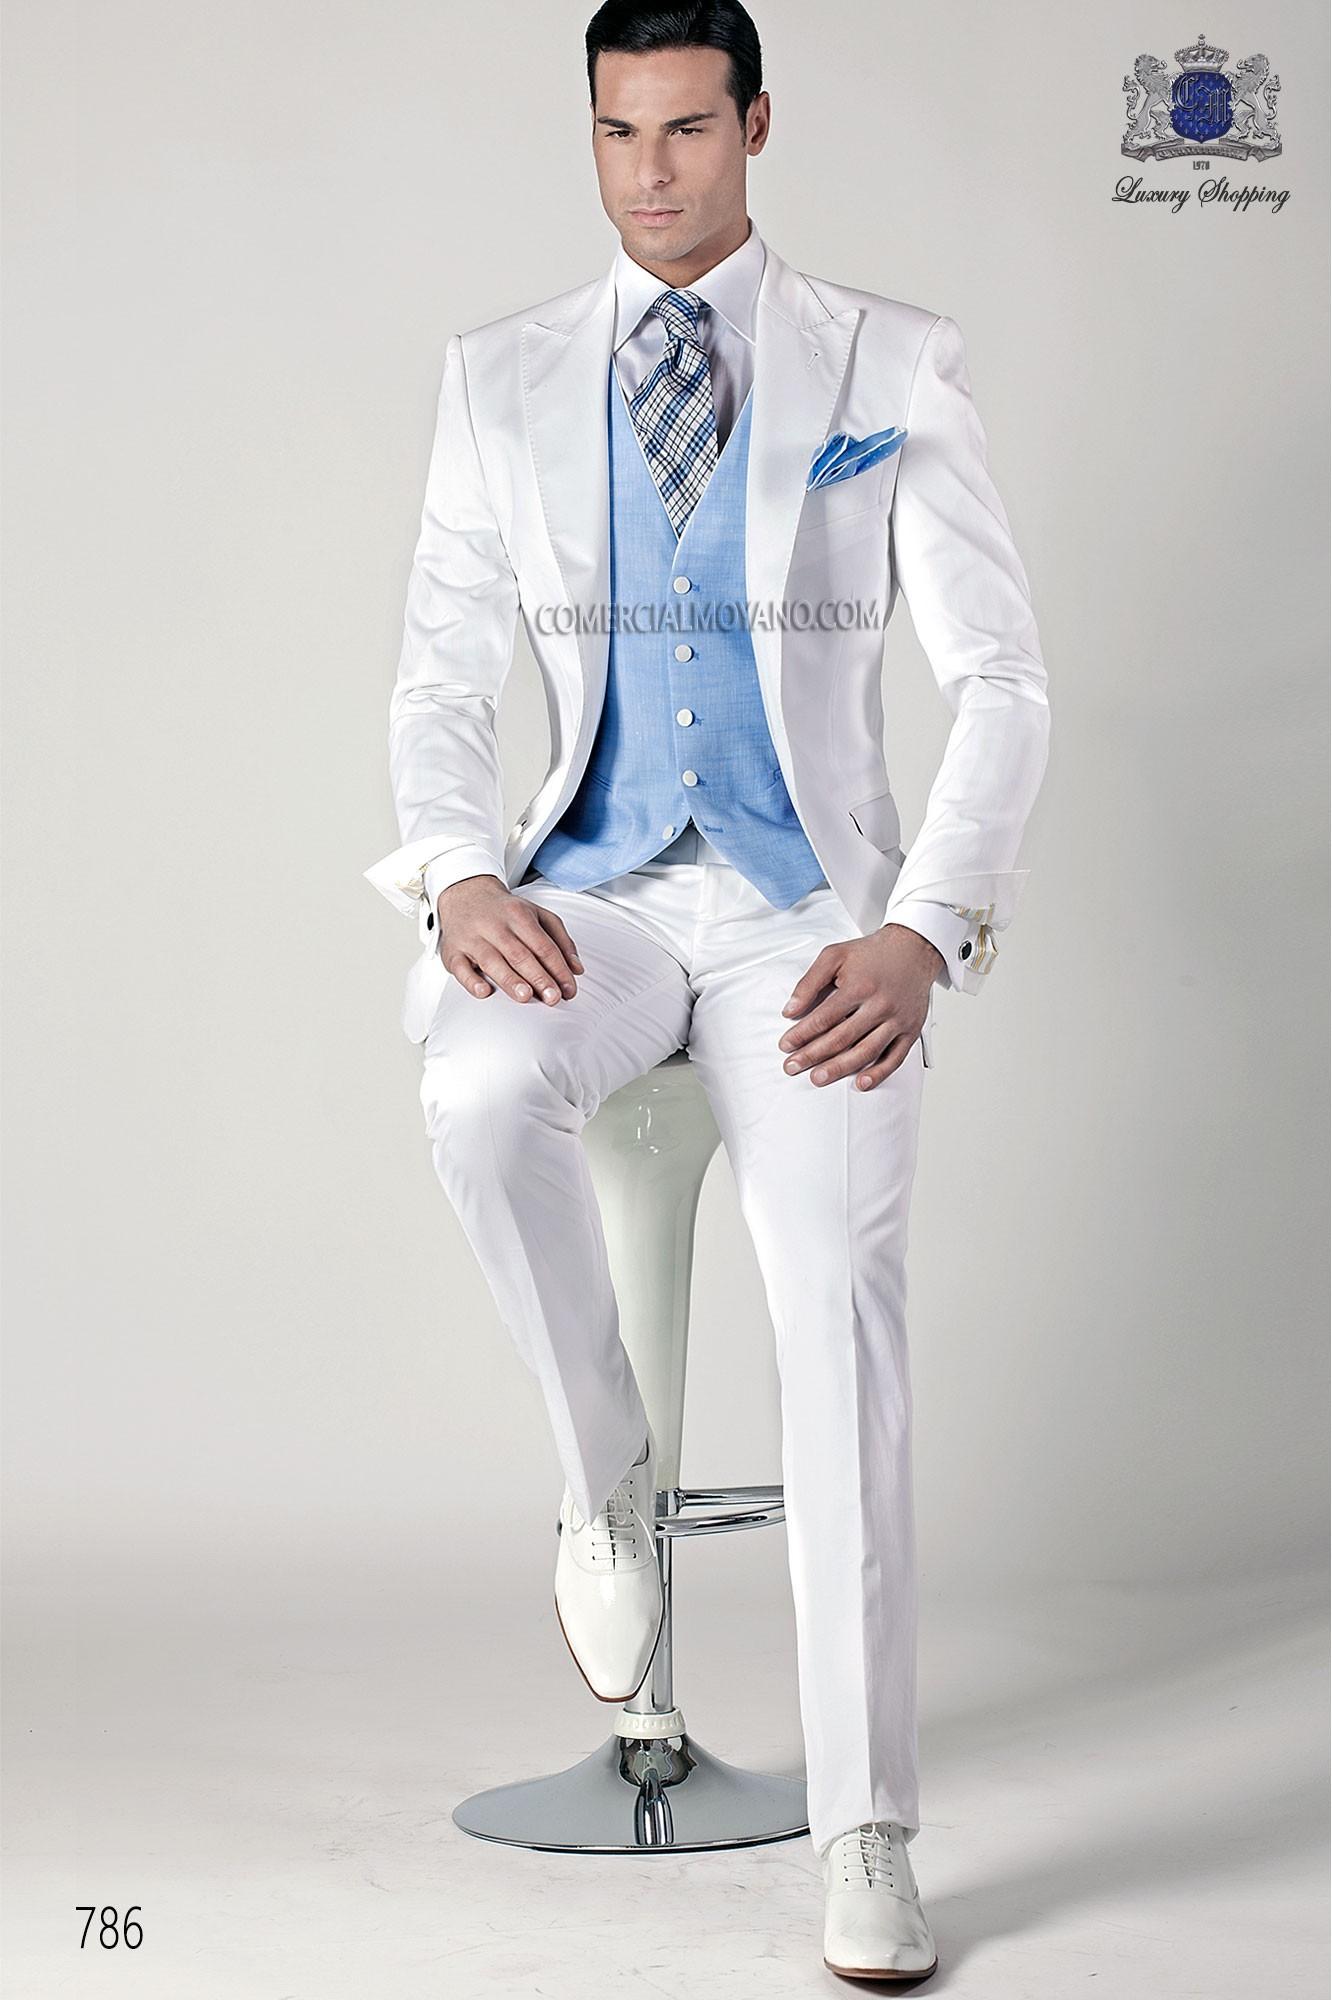 Traje de novio Hipster blanco modelo: 786 Ottavio Nuccio Gala colección Hipster 2017